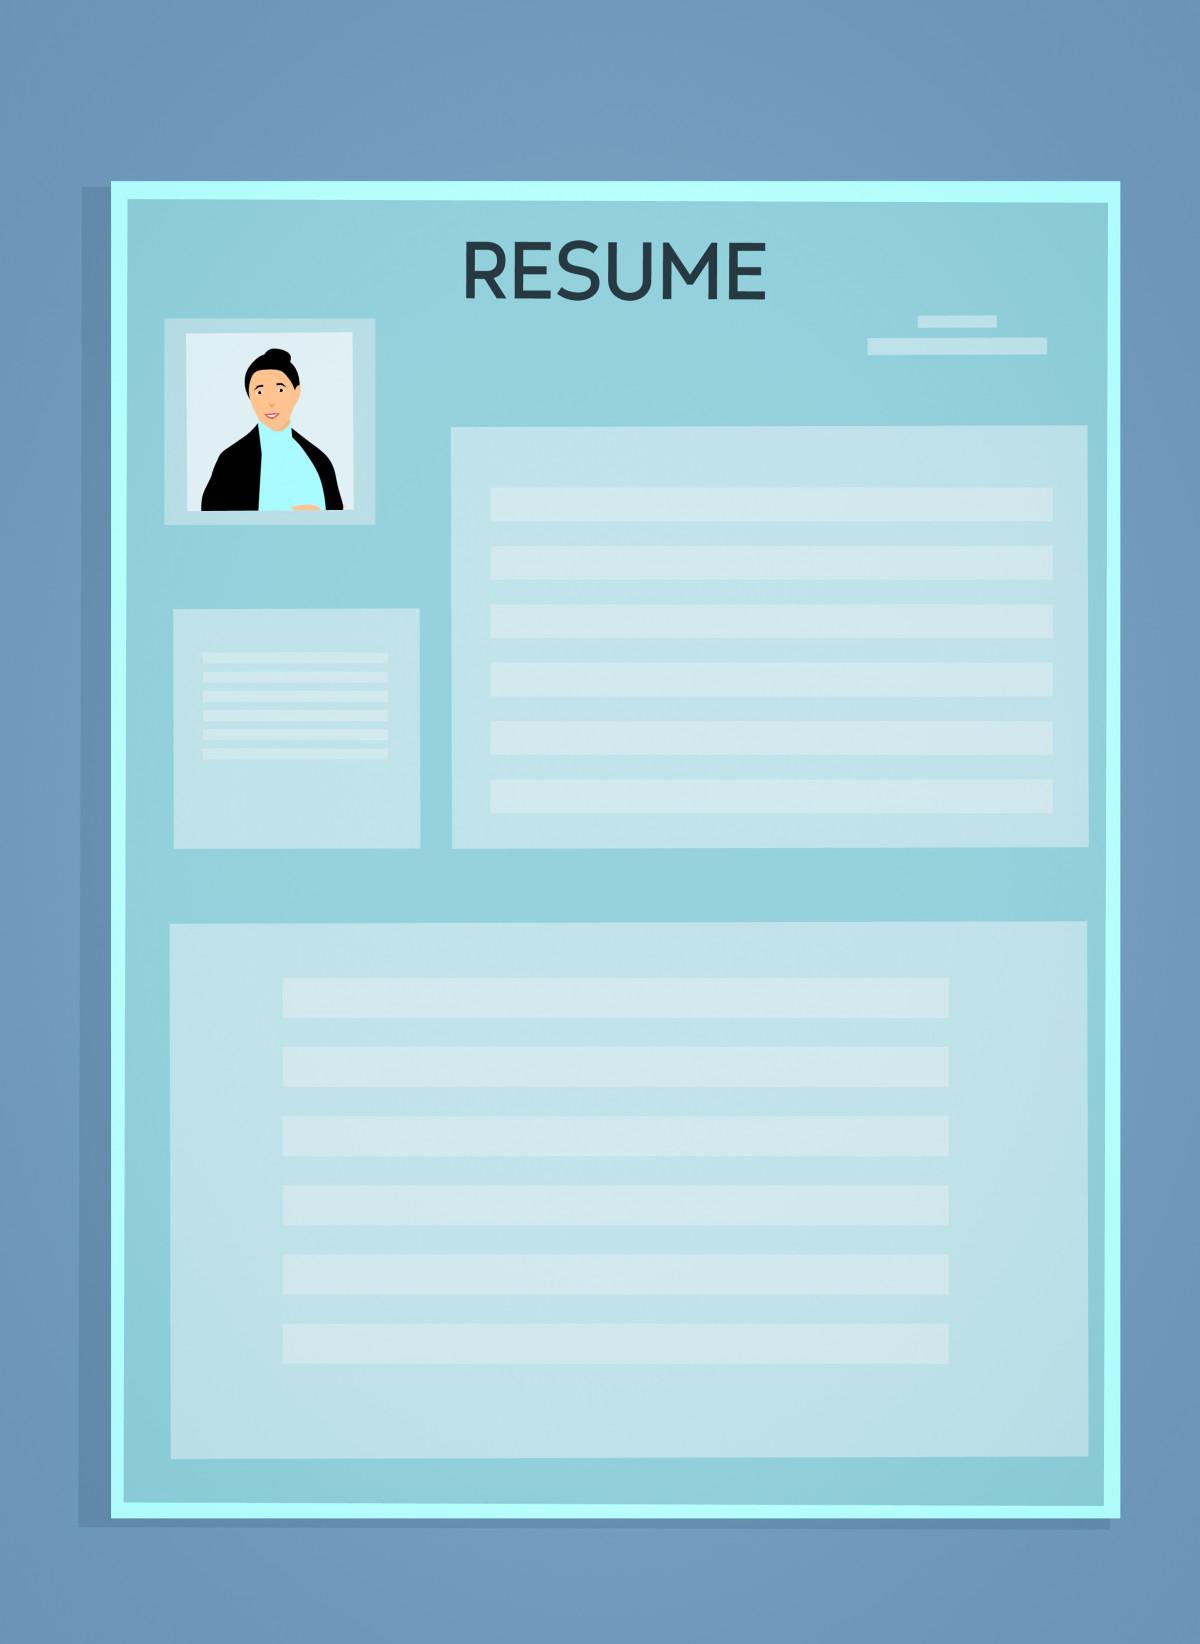 images gratuites   cv  resume template  application  appliquer  entreprise  graphiques  nettoyer